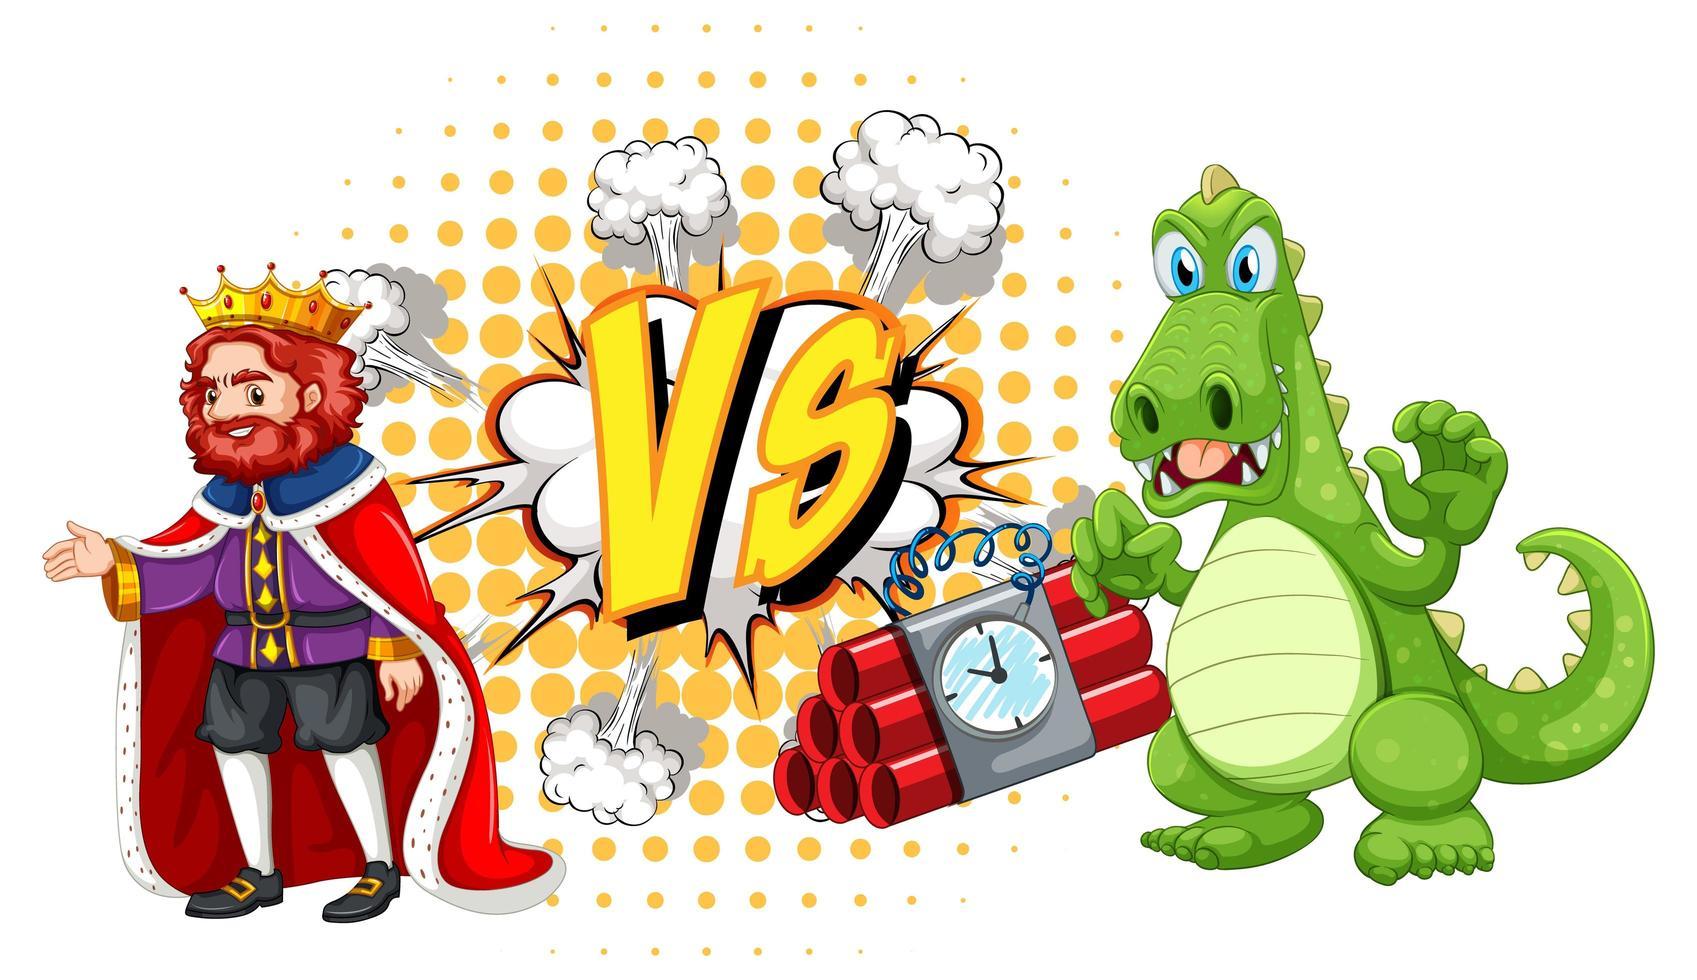 Dragón y rey peleando entre sí sobre fondo blanco. vector